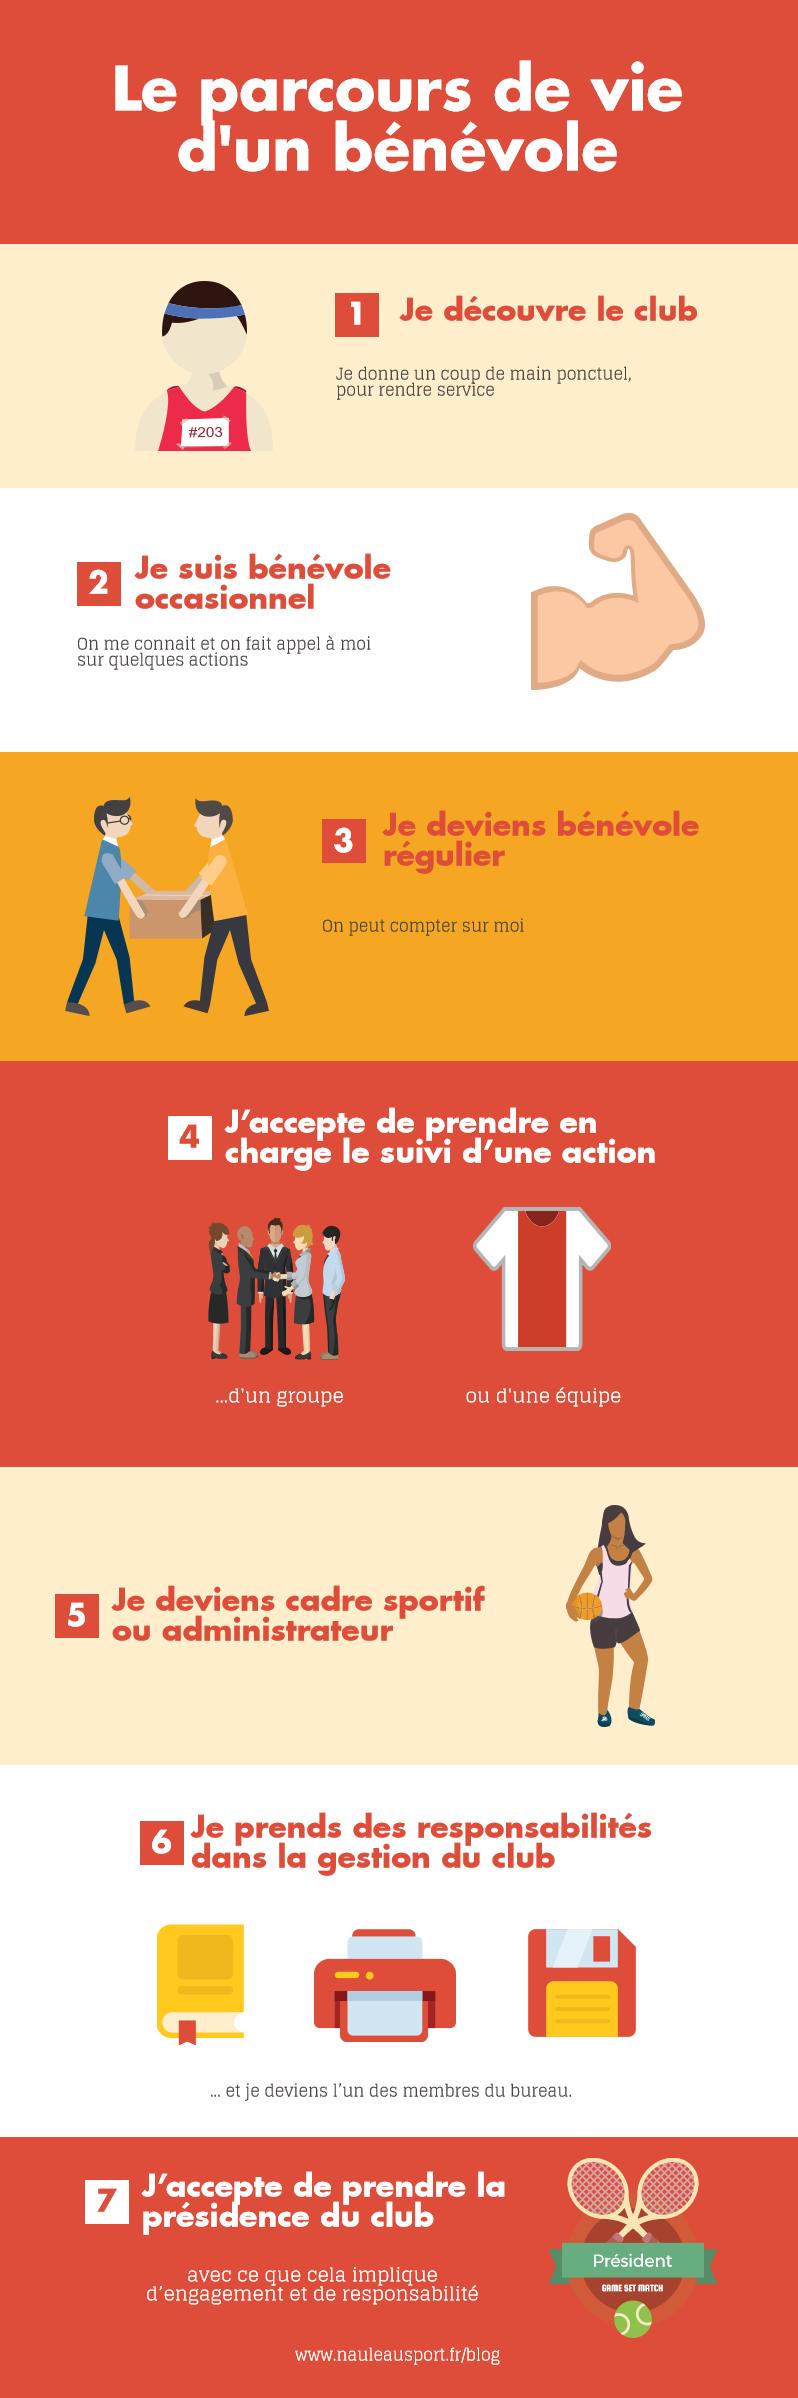 infographie : le parcours de vie du bénévole